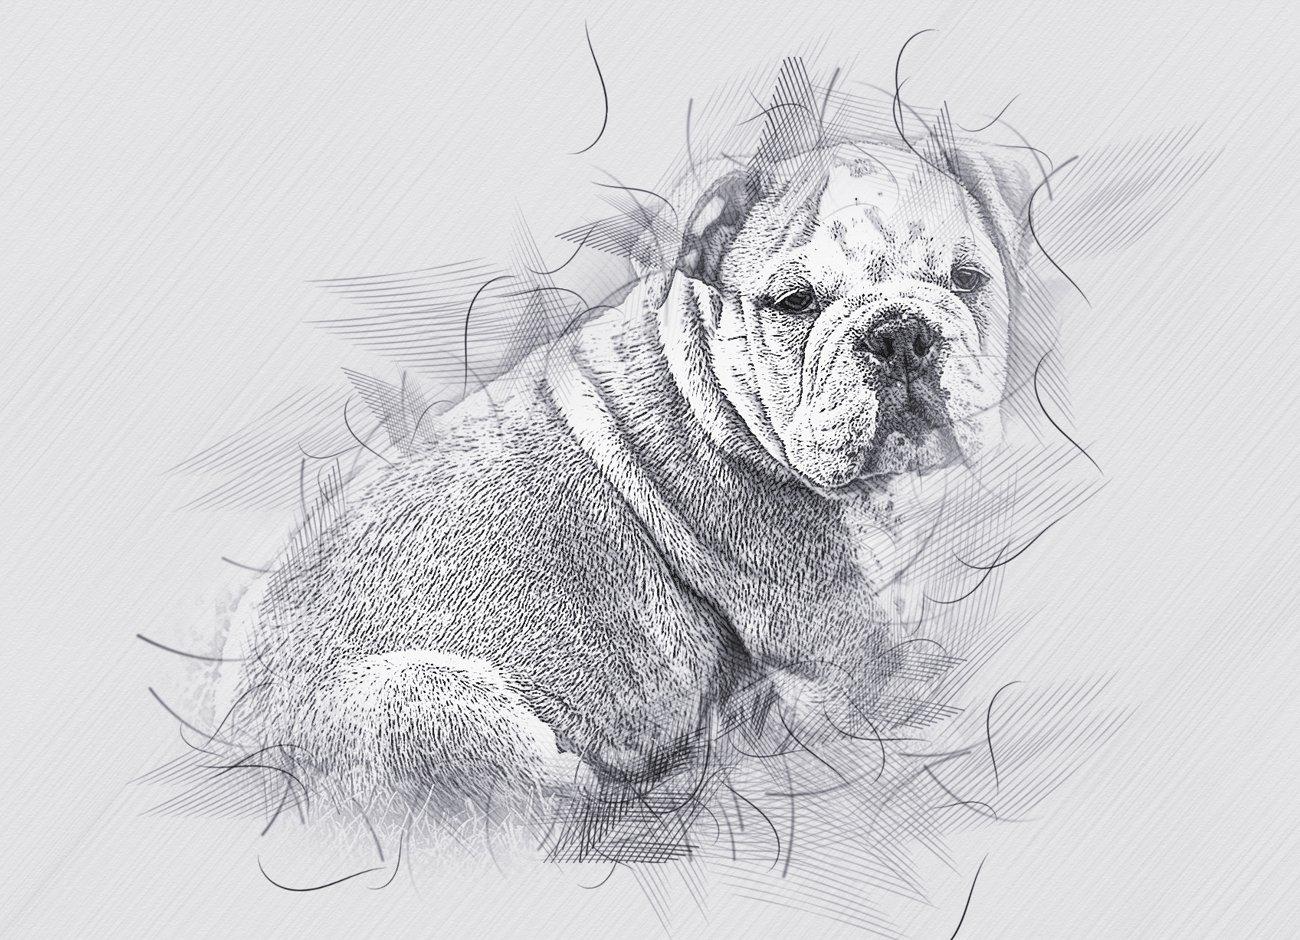 铅笔手绘素描效果照片处理特效PS动作模板 Hand Drawing Sketch Photoshop Action插图11